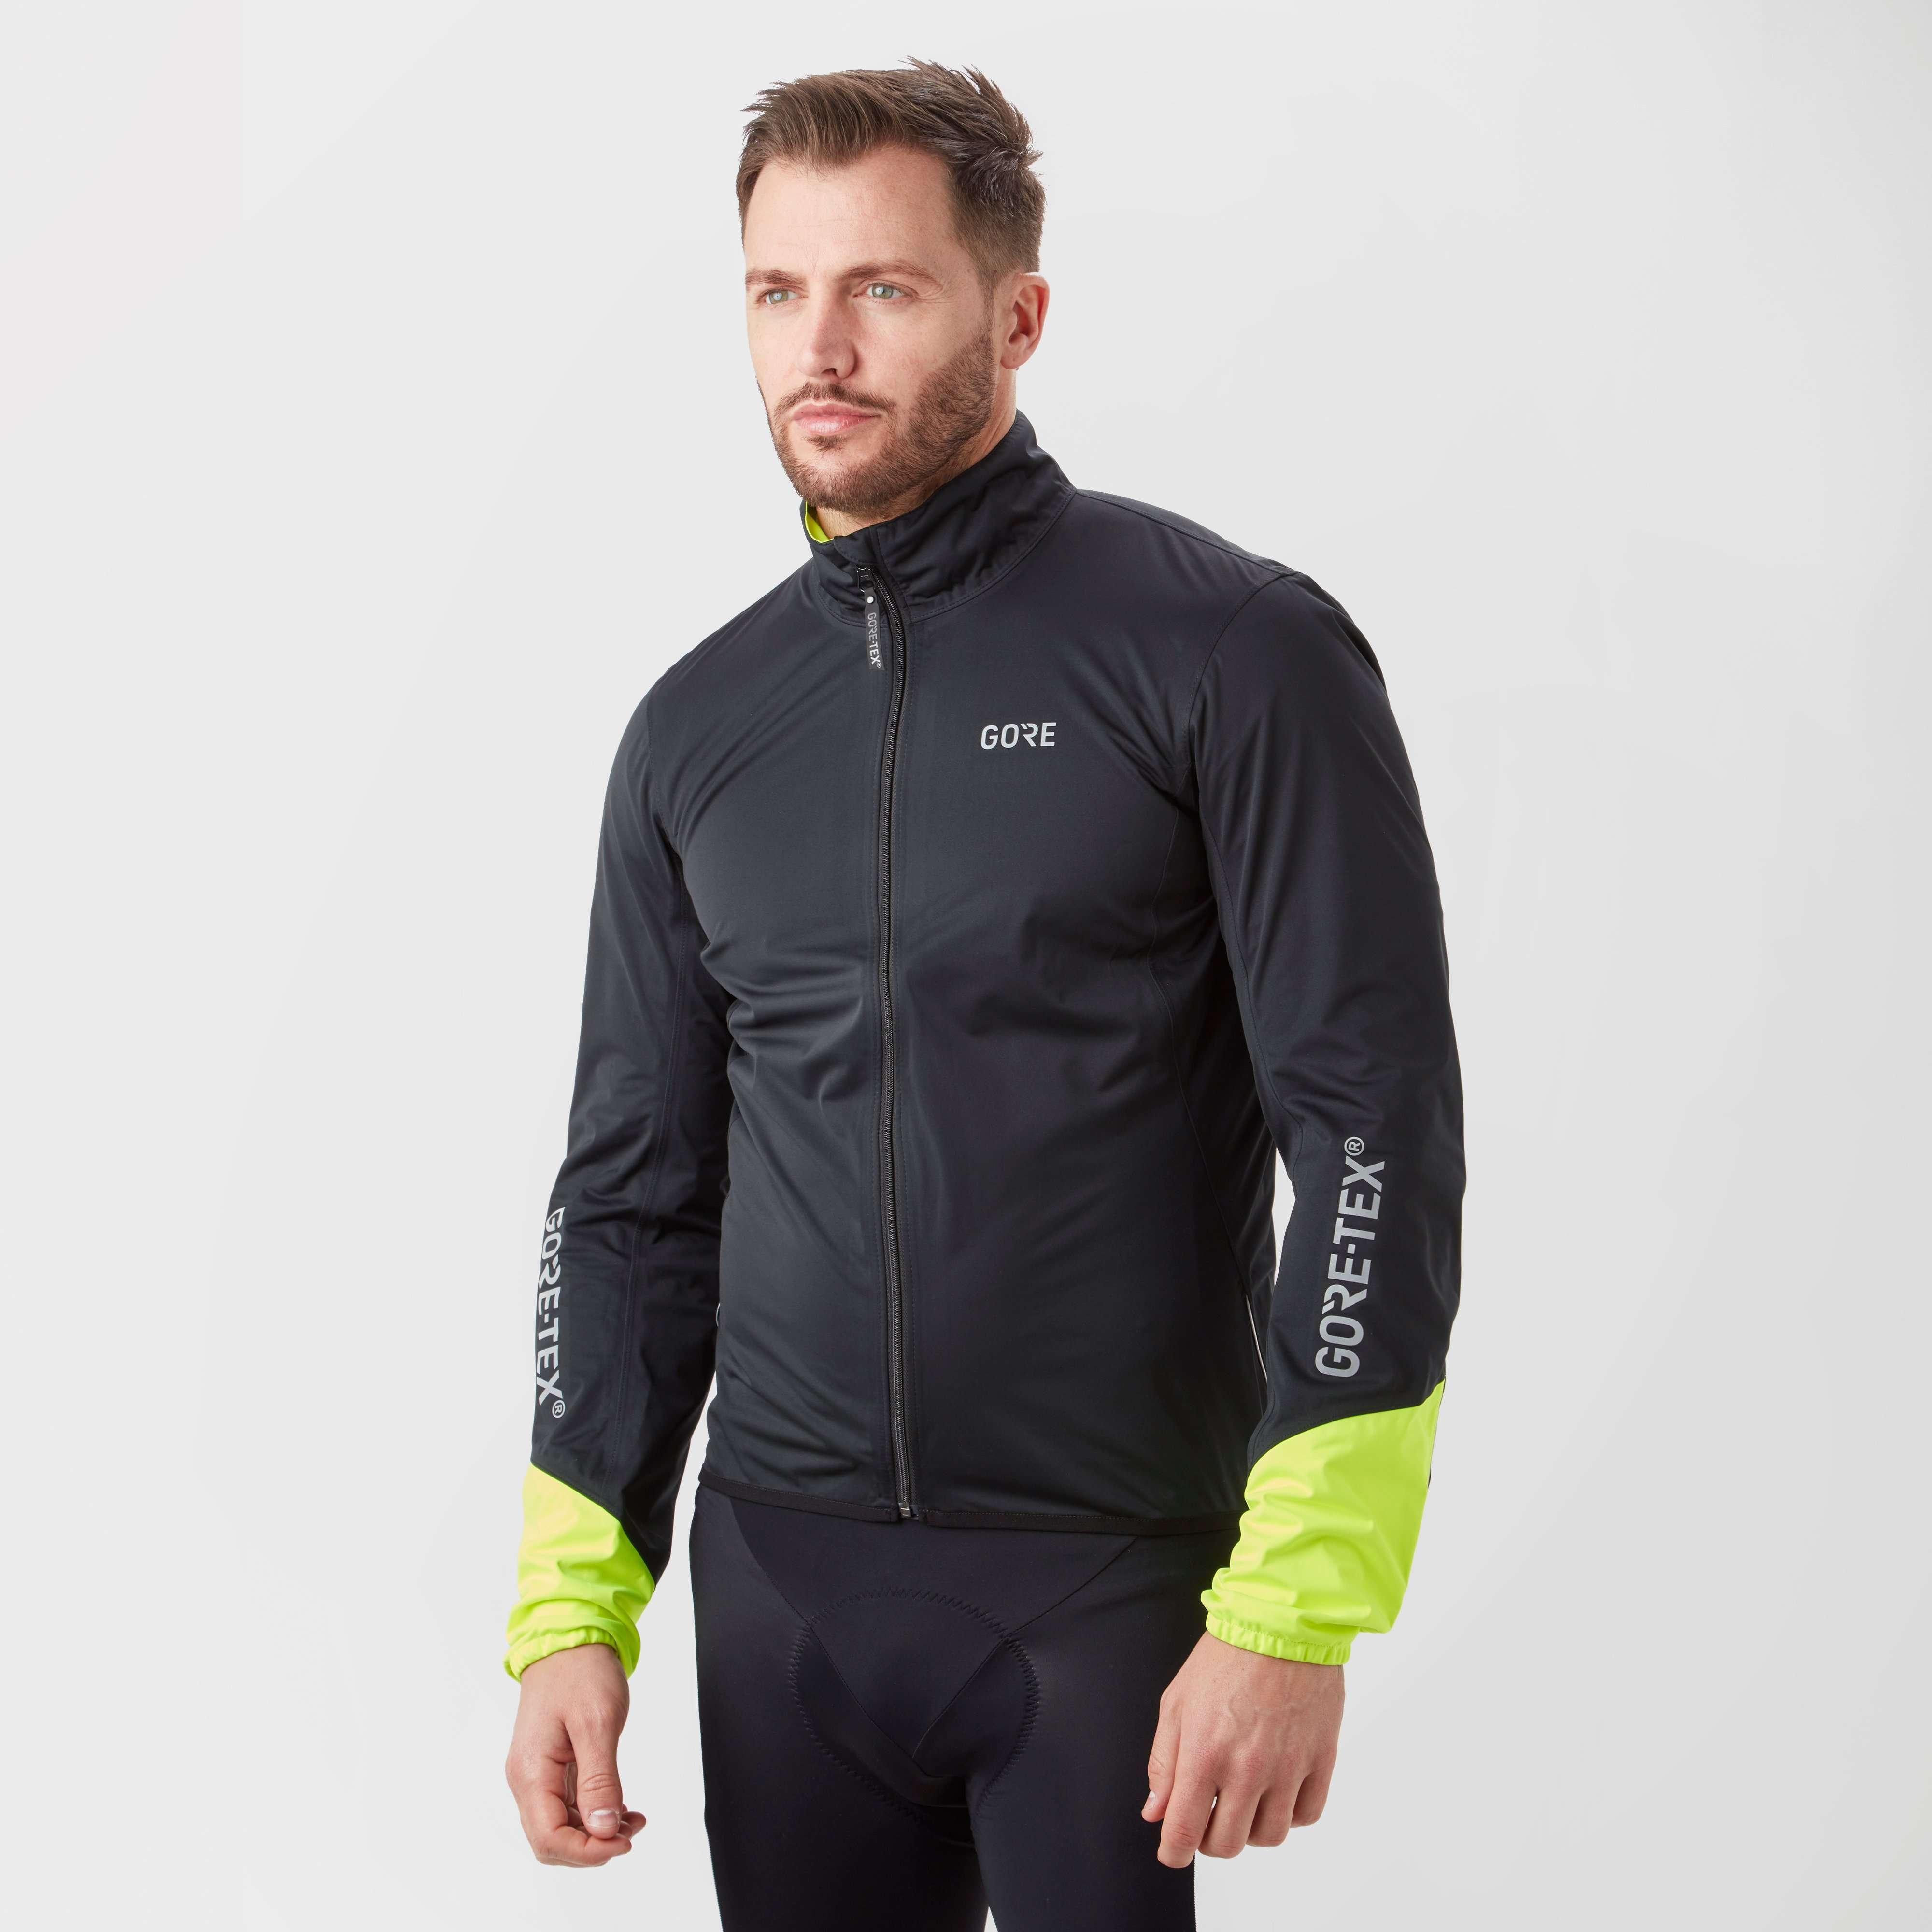 GORE Men's C5 GORE-TEX® Active Jacket